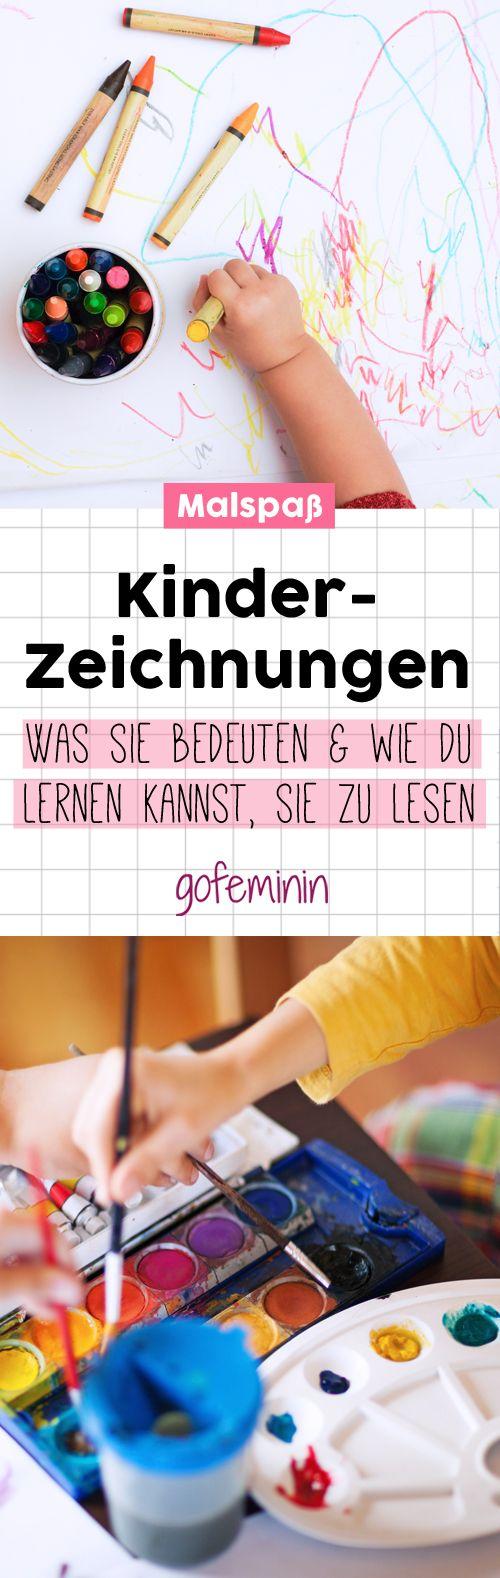 Kinderzeichnungen: Was sie bedeuten und wie du lernen kannst, sie zu lesen – gofeminin.de